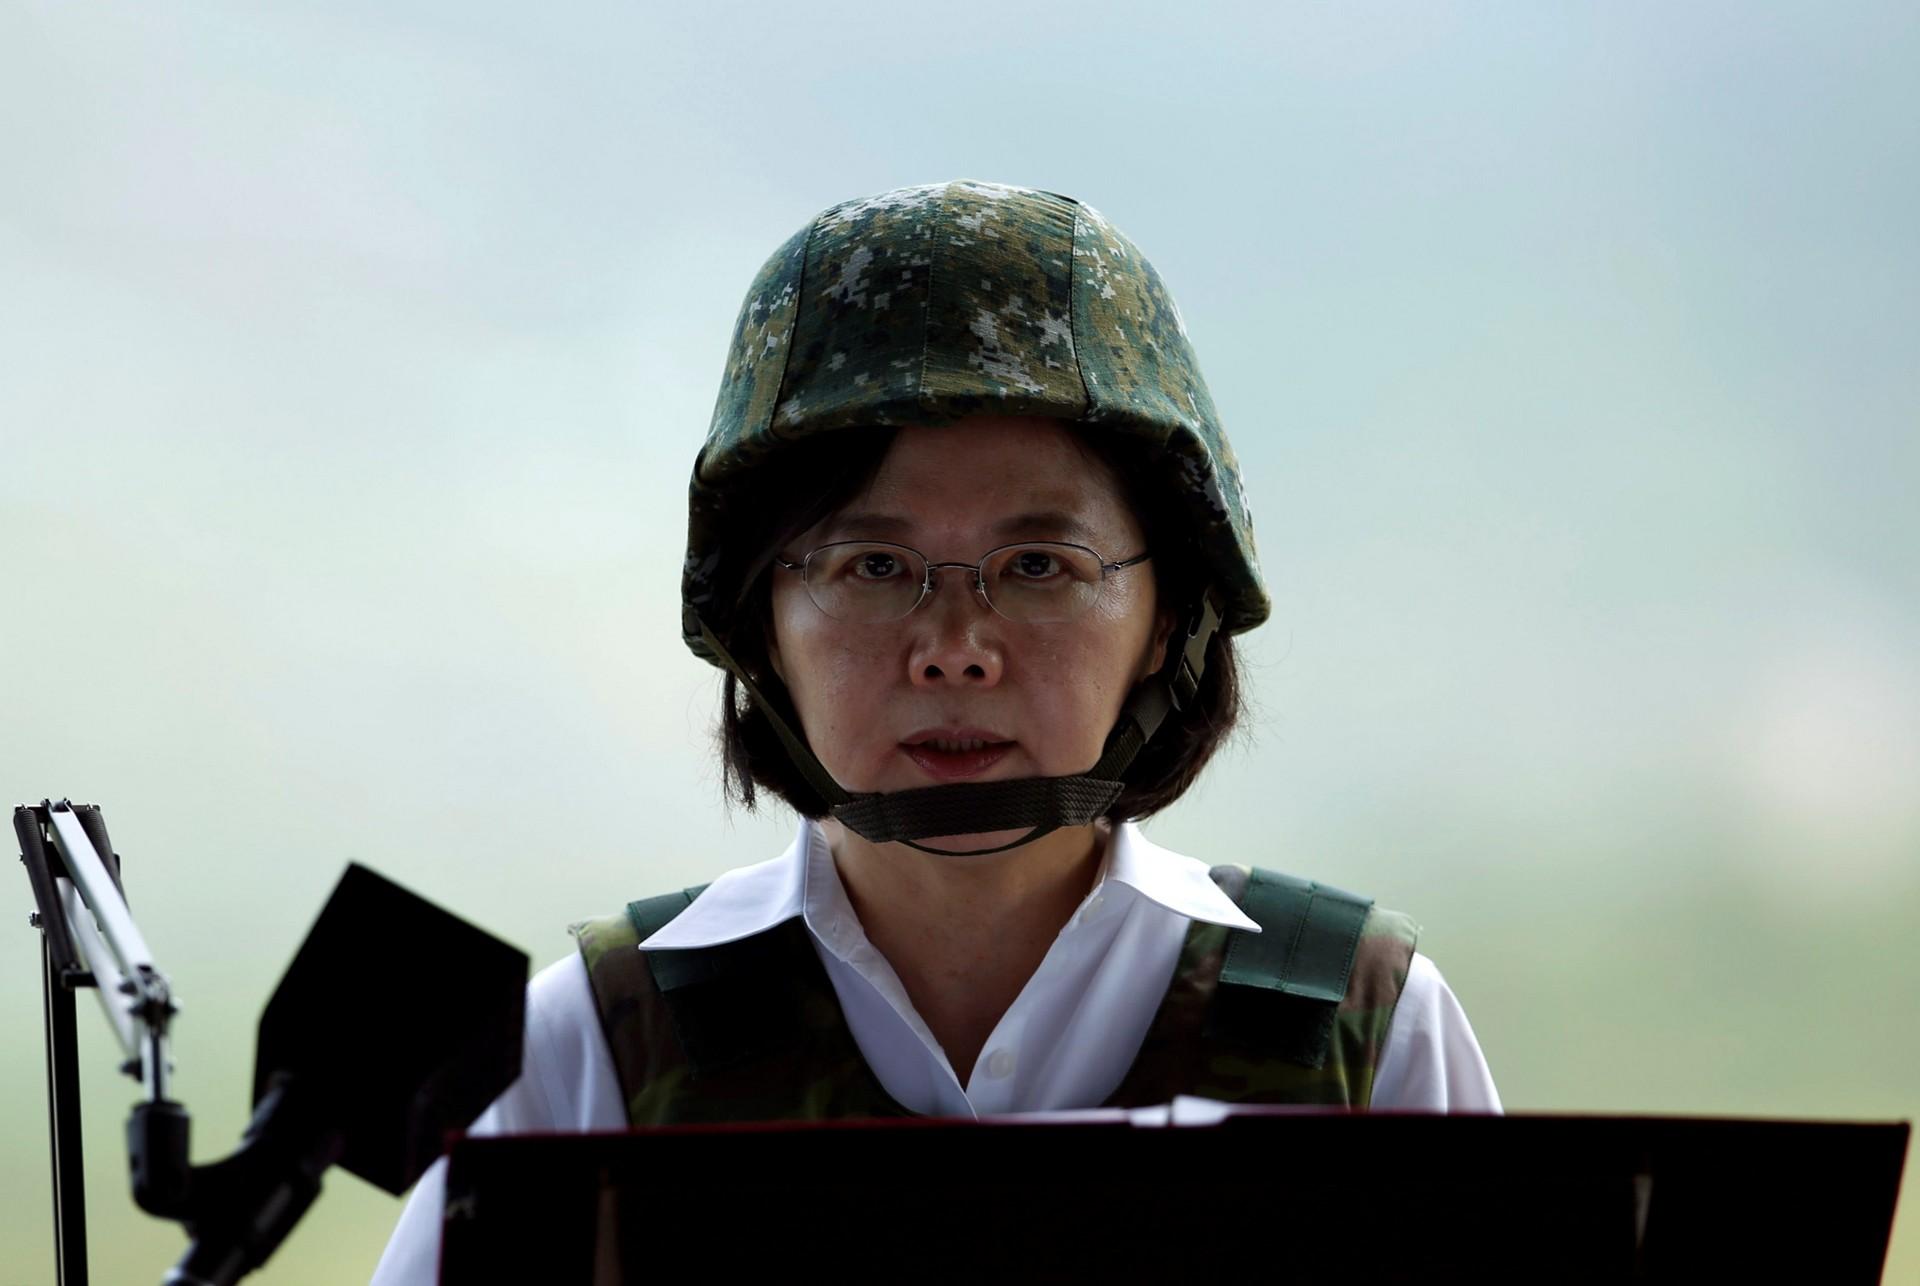 Президент Тайваня Цай Инвэнь – ярая противница сближения с КНР и верная союзница США в регионе